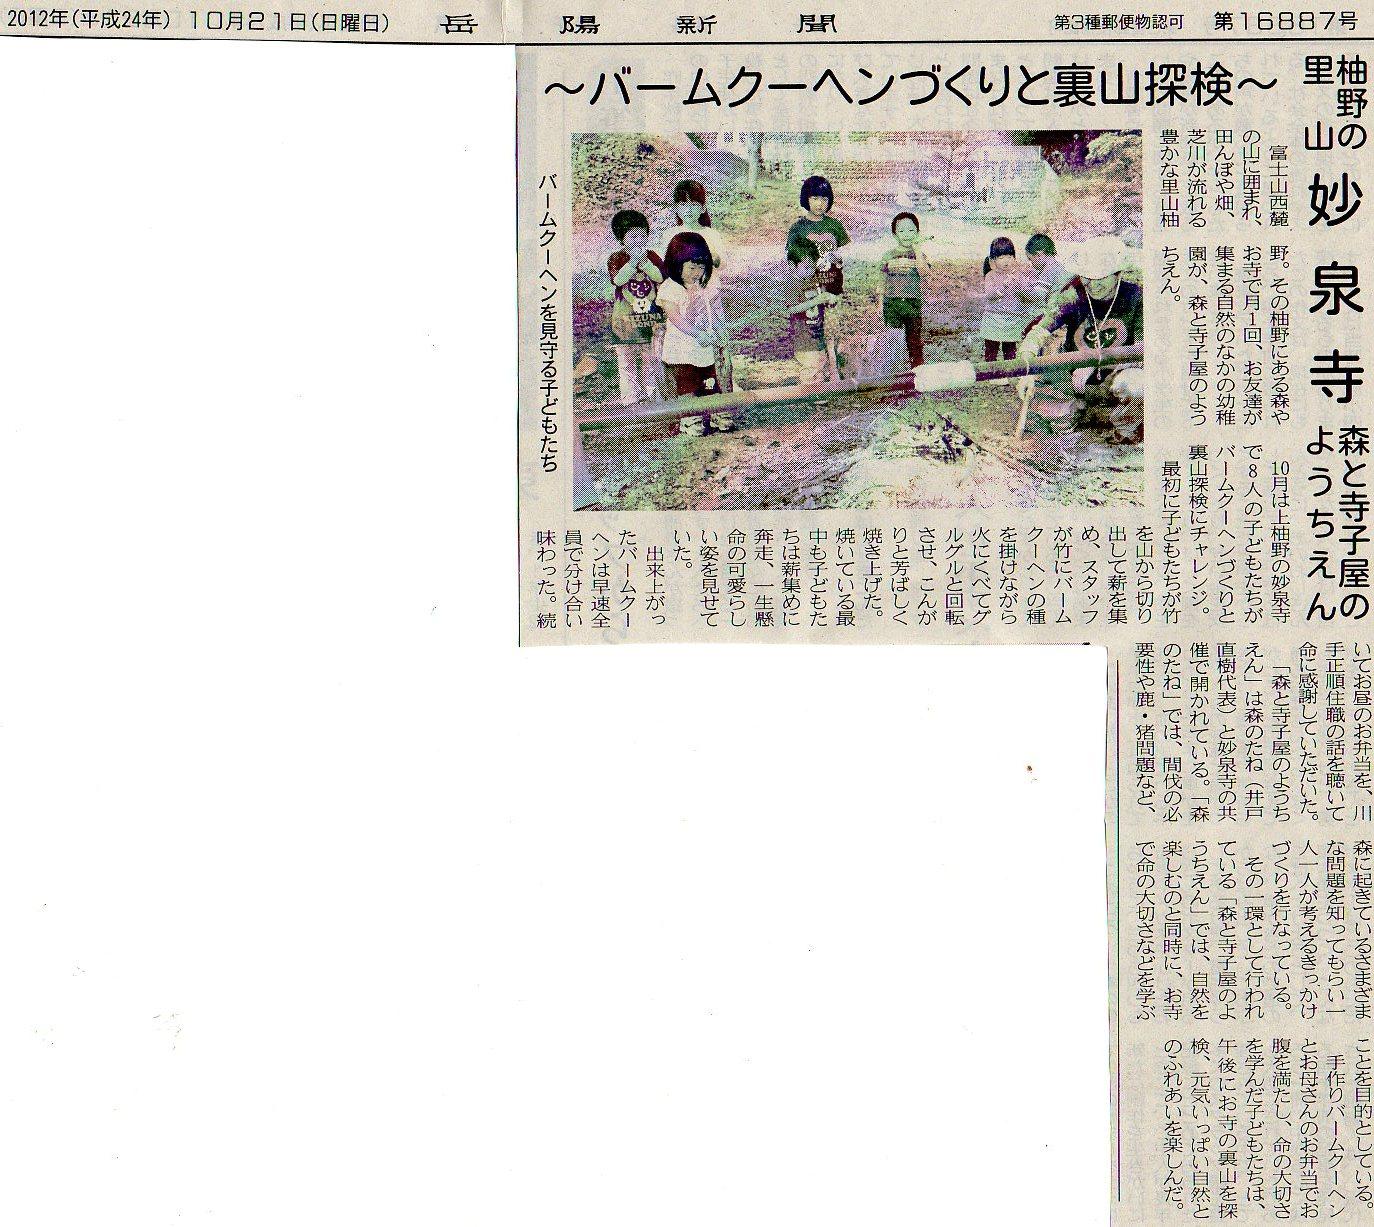 20121021岳陽新聞森と「寺子屋のようちえん」